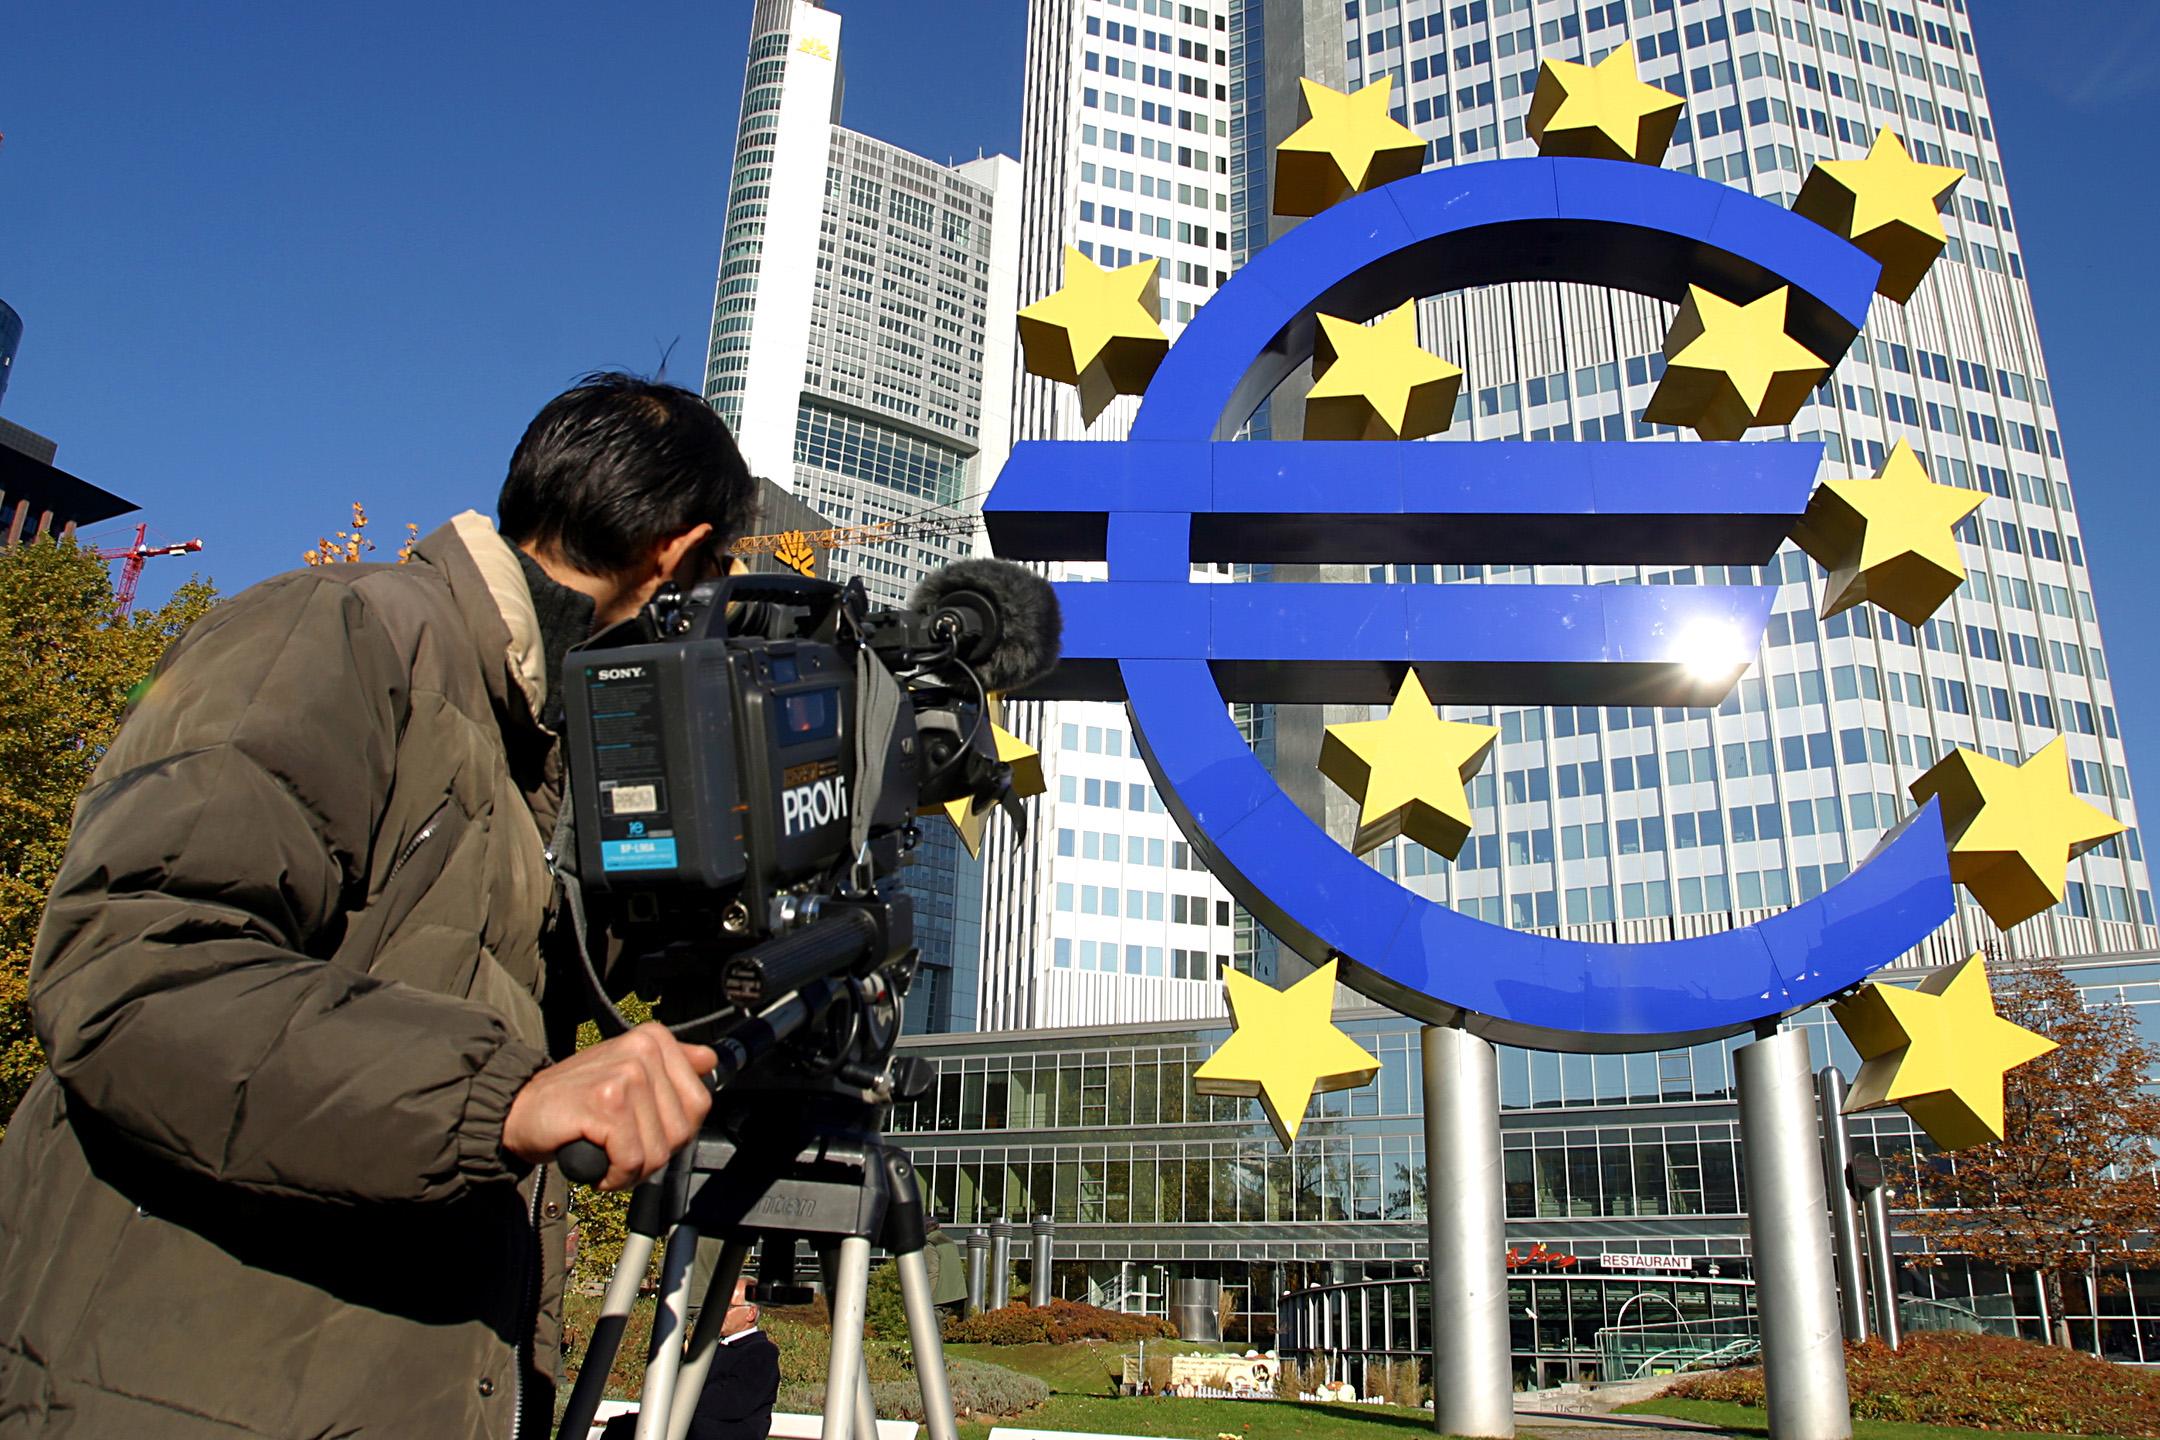 La Bce chiama le banche per evitare un'ondata di crediti deteriorati